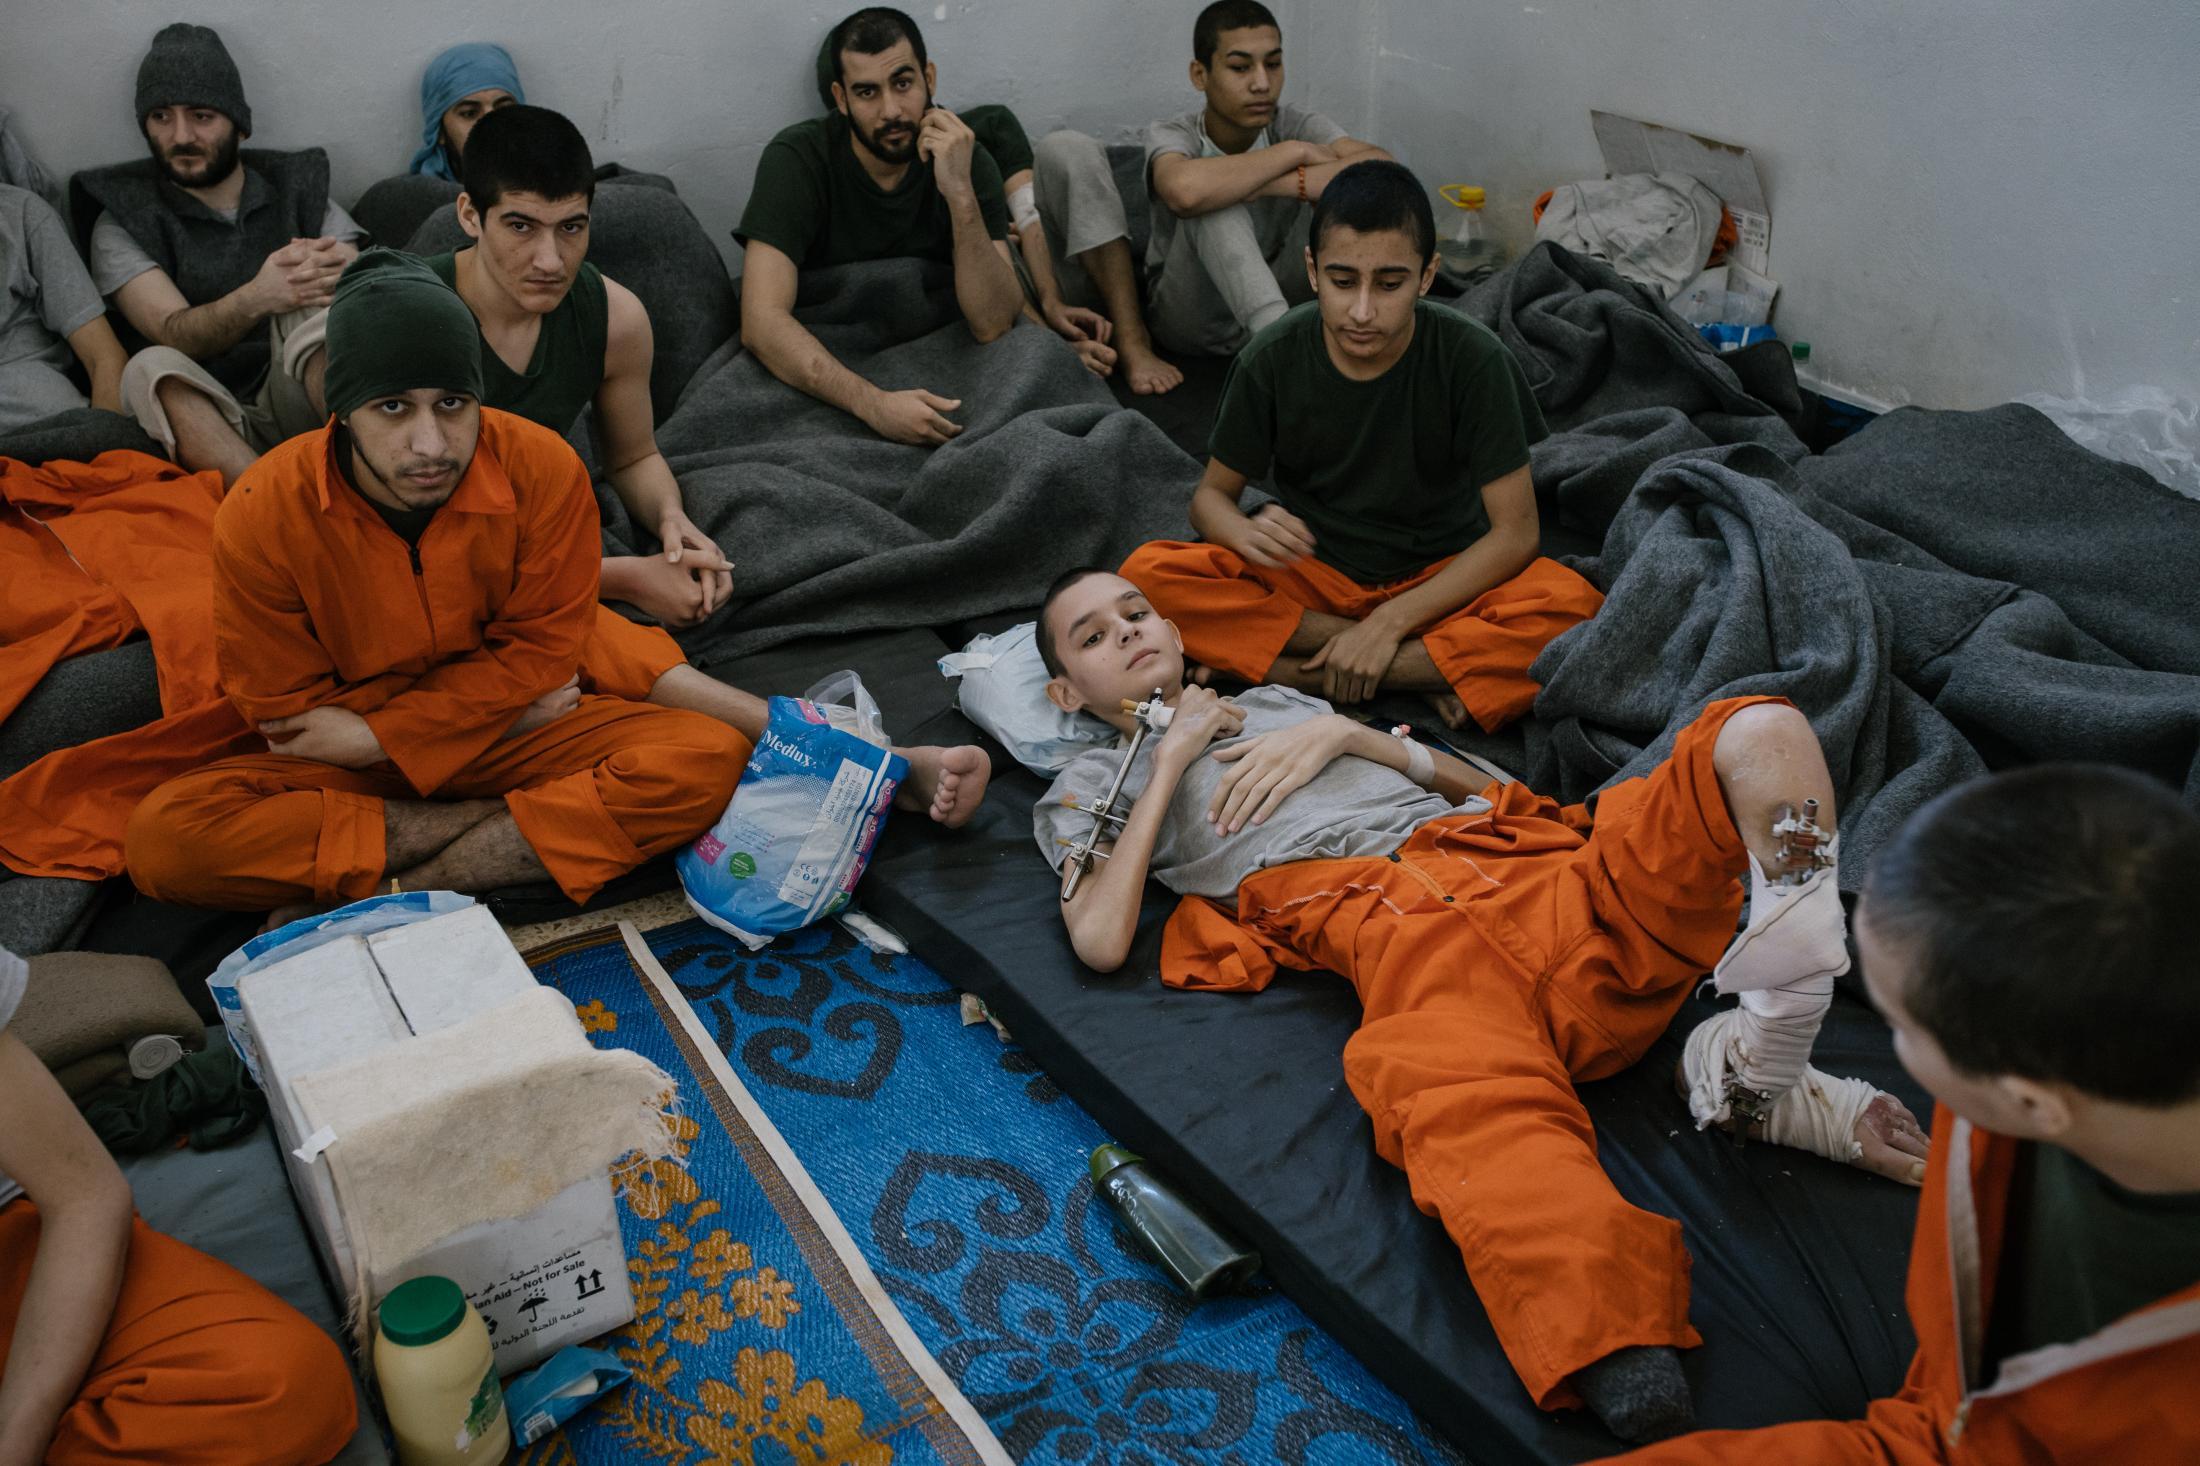 Le 30 octobre 2019, Hassake, nord est syrien. Envion 5000 prisonniers supposés membres de l'Etat islamique vivent dans cette université transformée en prison. Entre 100 et 200 détenus dans chaque salle de classe. La prison est ouverte depuis 4mois au moment de cette photo. Elle est surpeuplée. Les prisonniers sont considérés comme les plus radicaux et vivent dans des conditions difficiles. Cette pièce servait sans doute de grand réfectoire. elle se situe au rez de chaussé, et accueille tous les malades et mourrants. Cet enfant a de multiples blessures, il a été amputé et l'autre jambe est infecté. Il est d'origine étrangère.